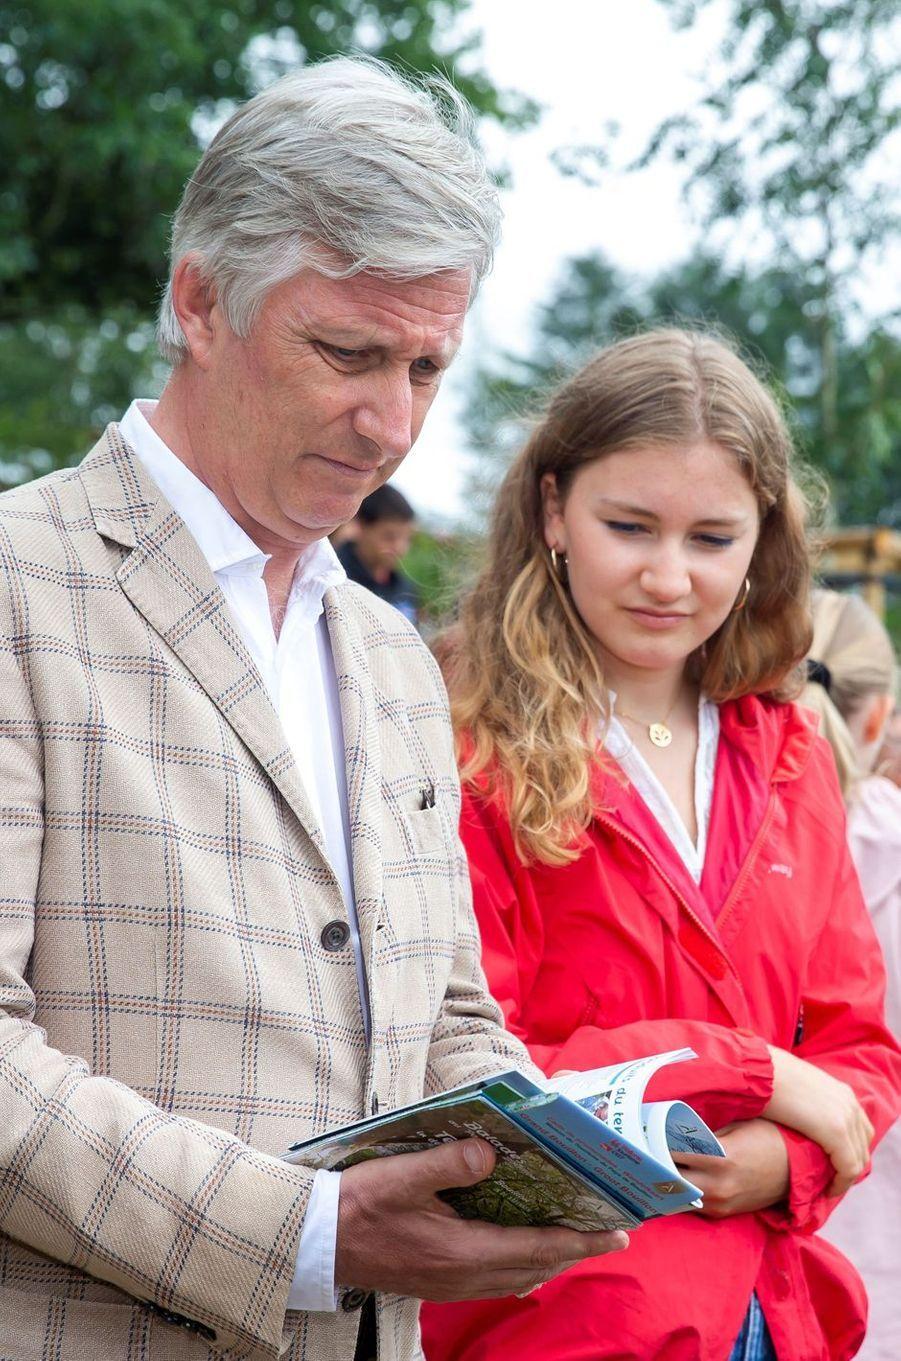 Le roi des Belges Philippe et la princesse héritière Elisabeth de Belgique à Botassart, le 28 juin 2020